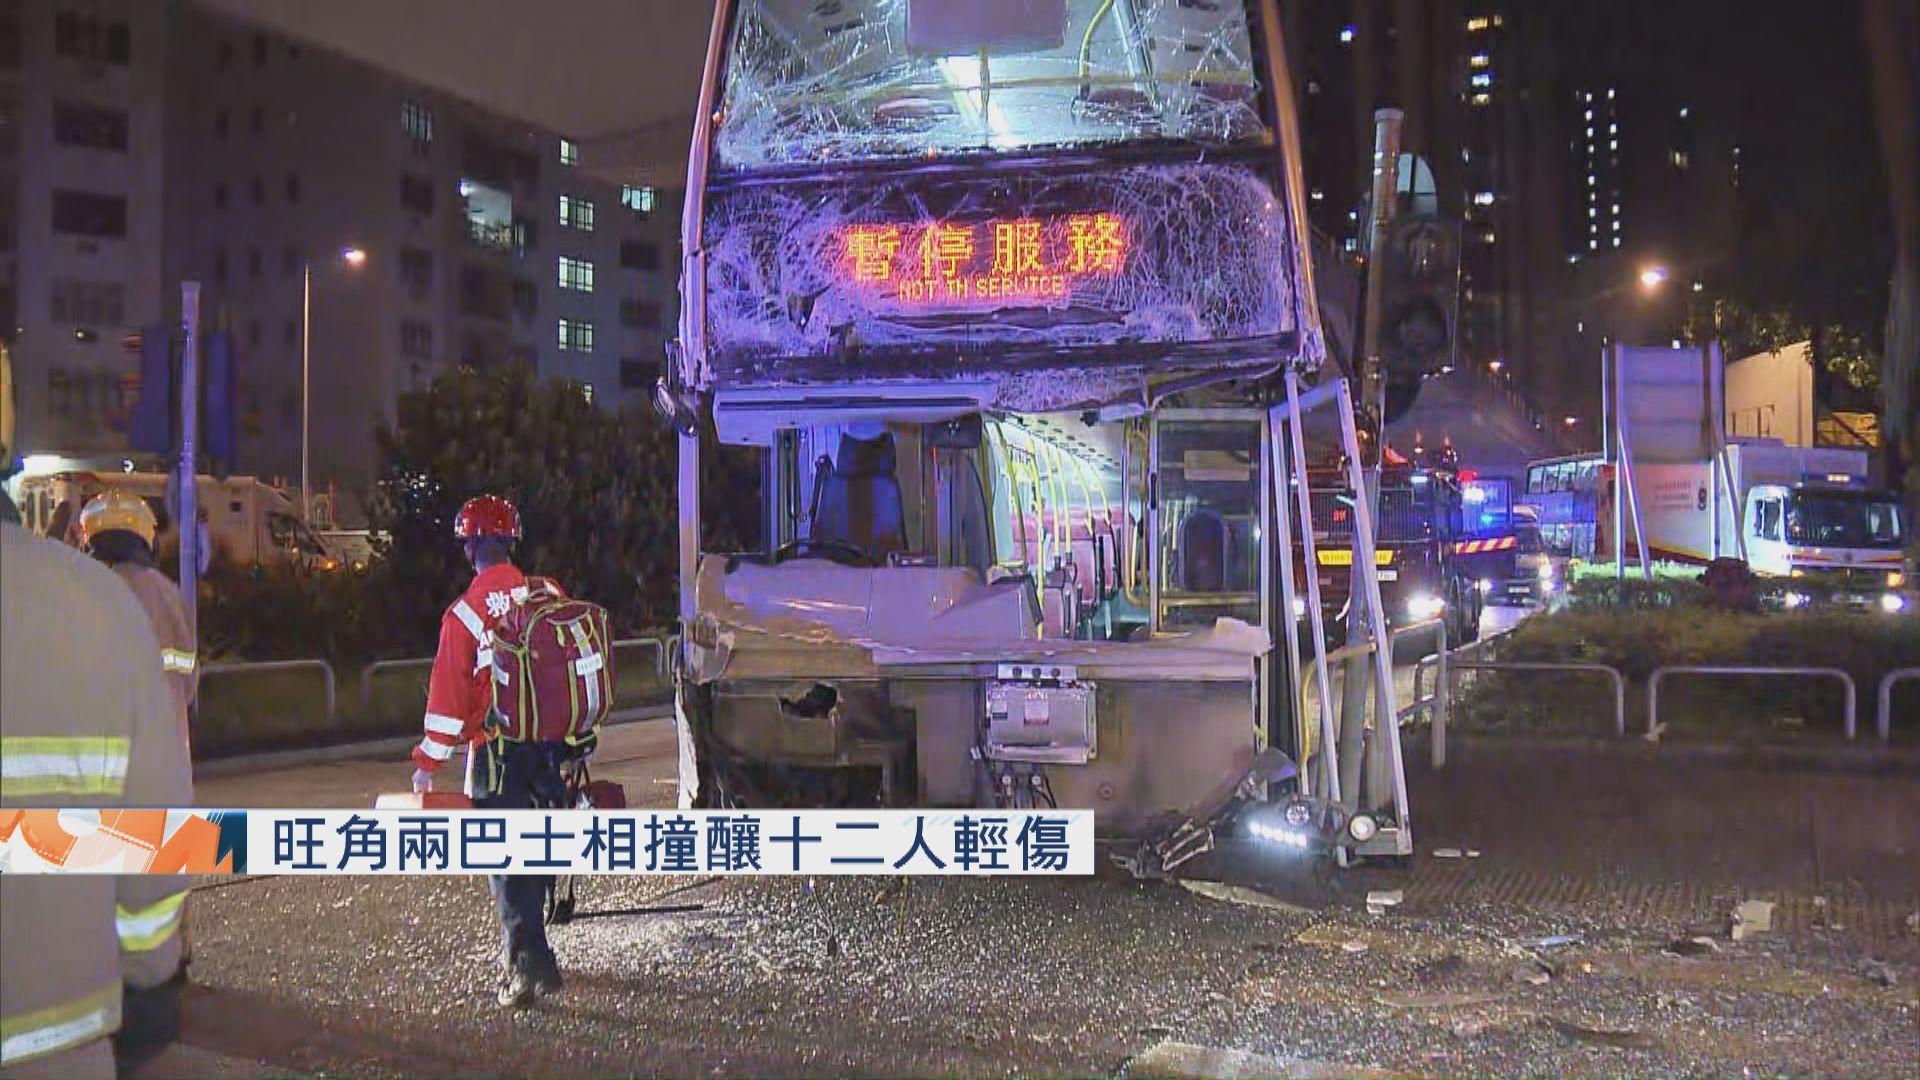 旺角兩巴士相撞釀十二人輕傷